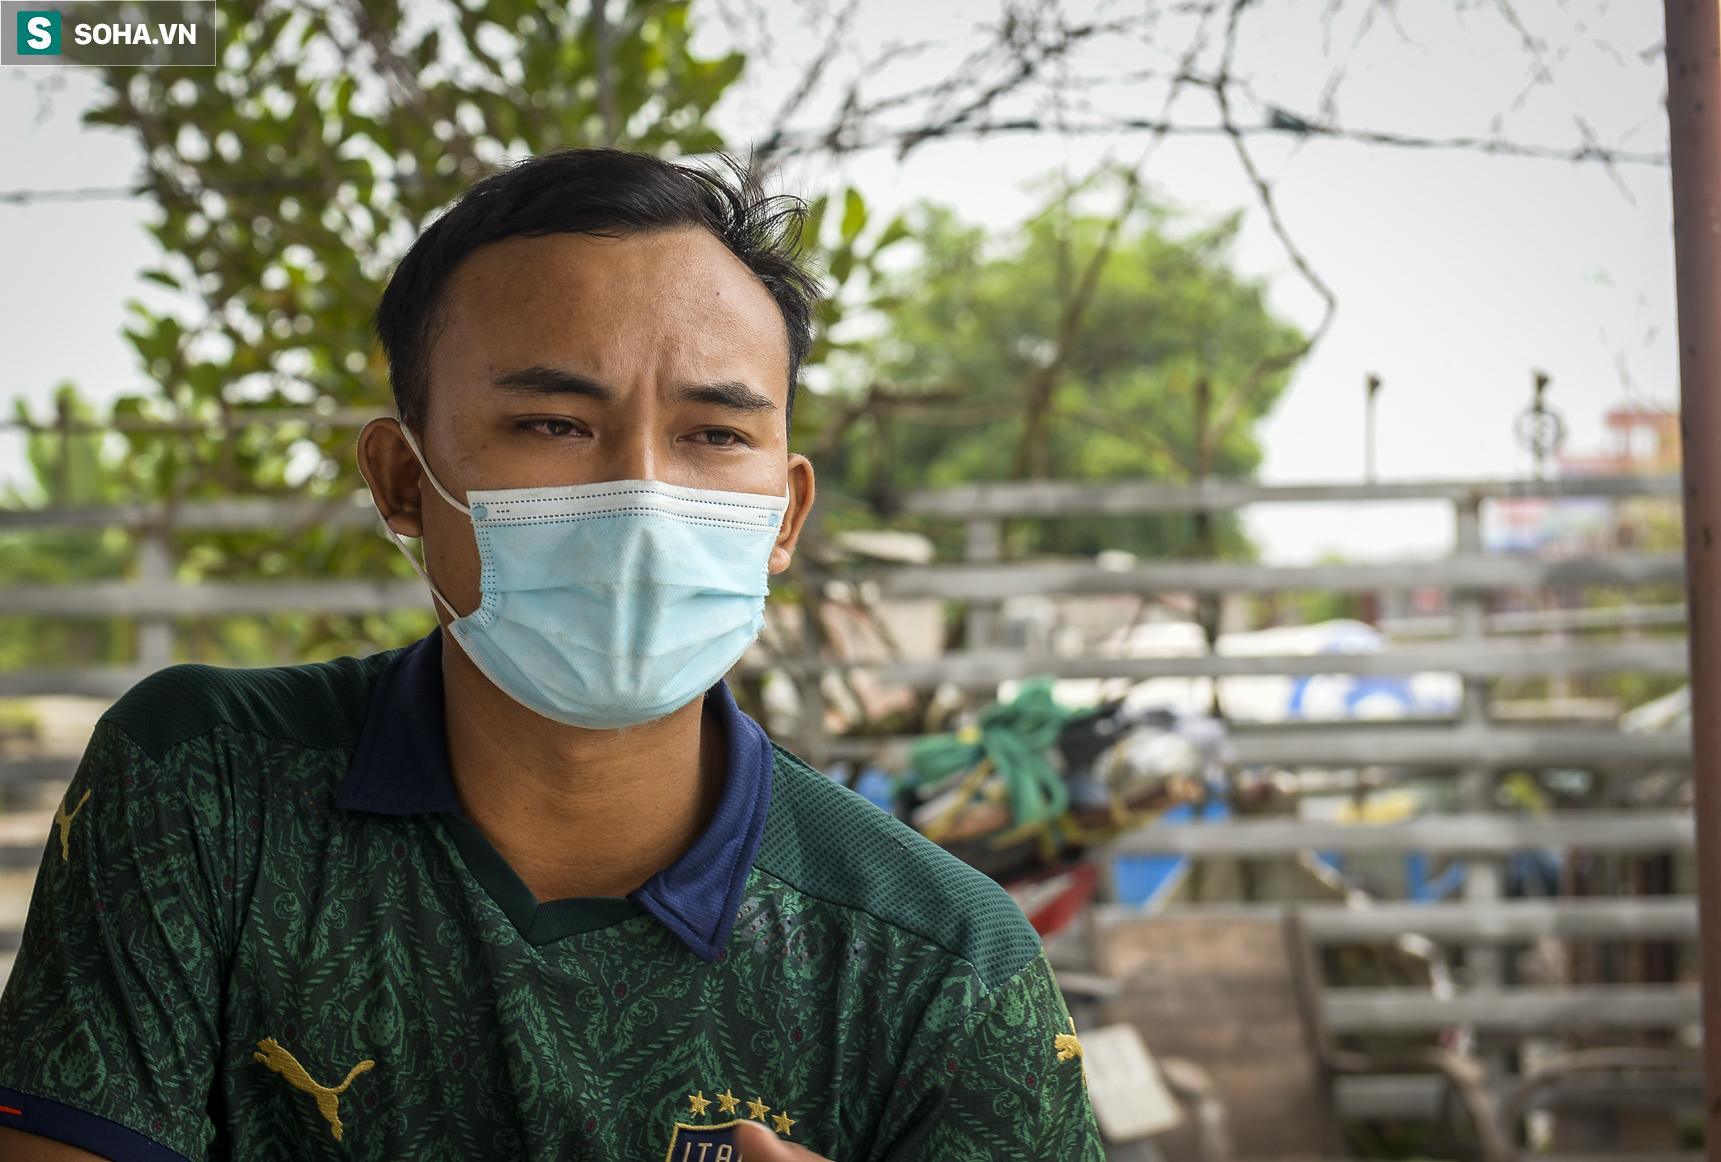 Đi xe máy hơn 1.500km ra Hà Nội, 2 bố con ăn ngủ tại chốt Cầu Giẽ chờ người đưa đi cách ly - Ảnh 9.